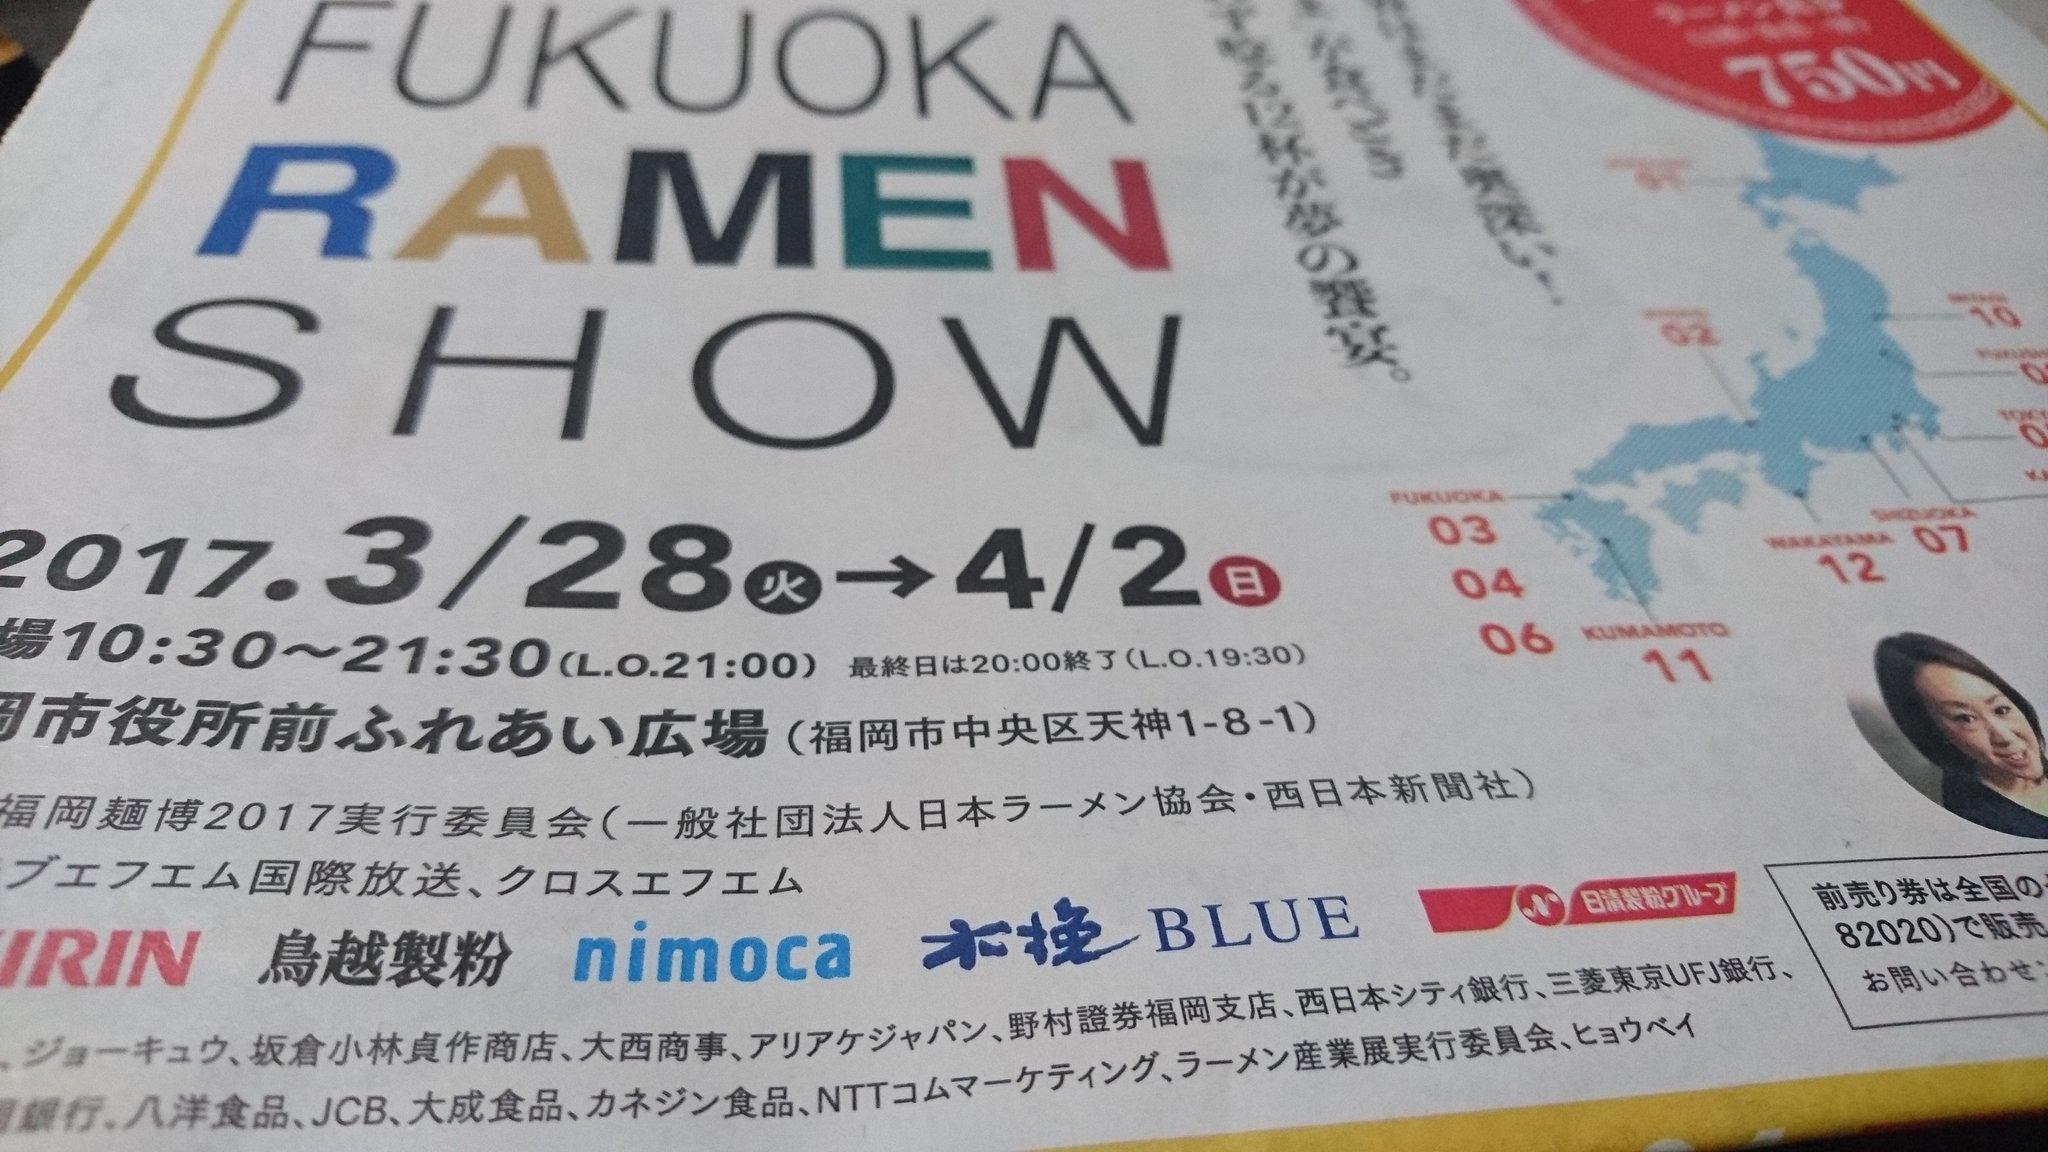 福岡ラーメンショー会場案内表紙 大成食品も協賛しています